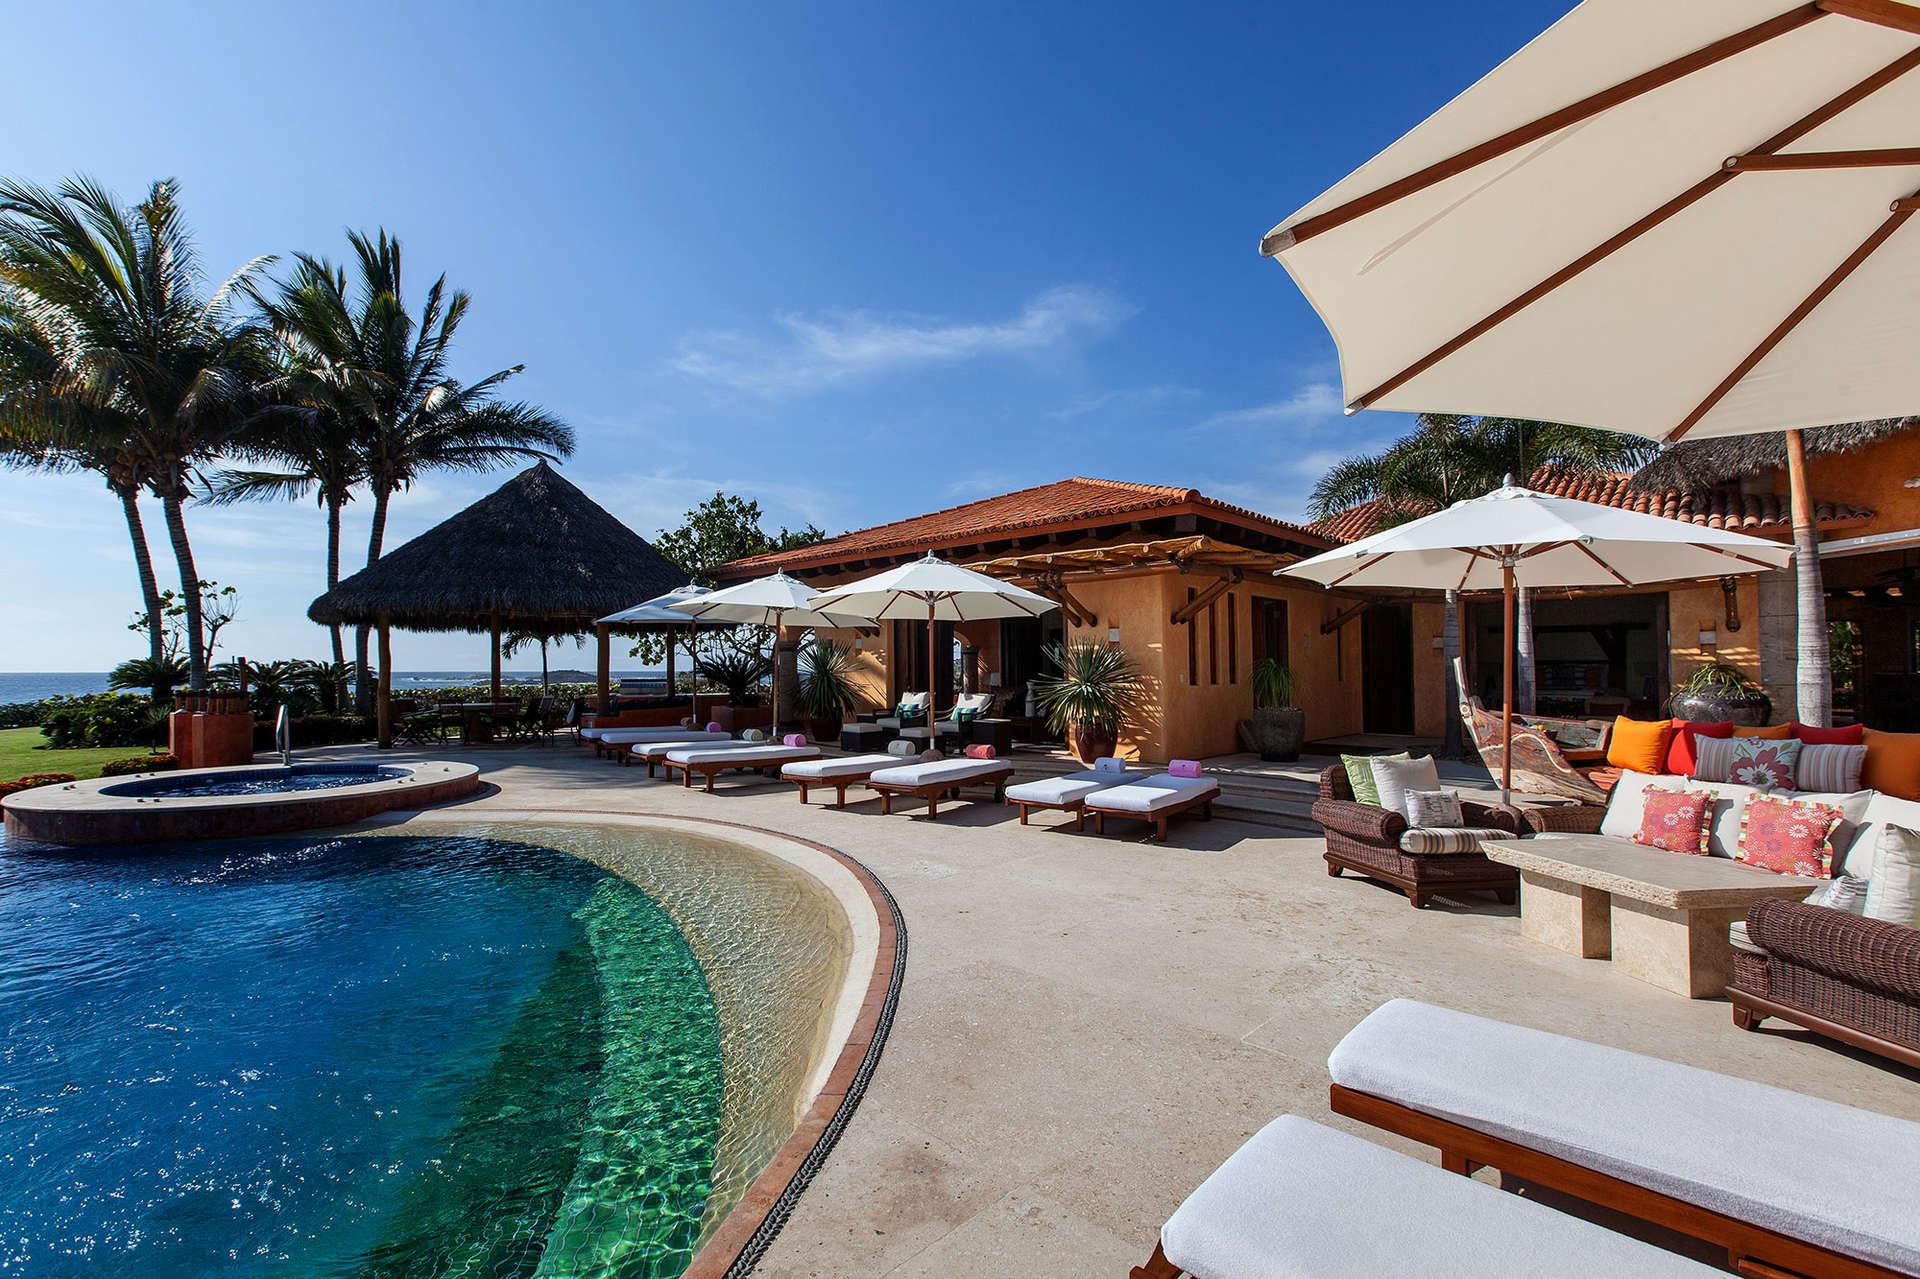 Luxury vacation rentals mexico - Punta mita - La punta estates - Estate Primavera - Image 1/22